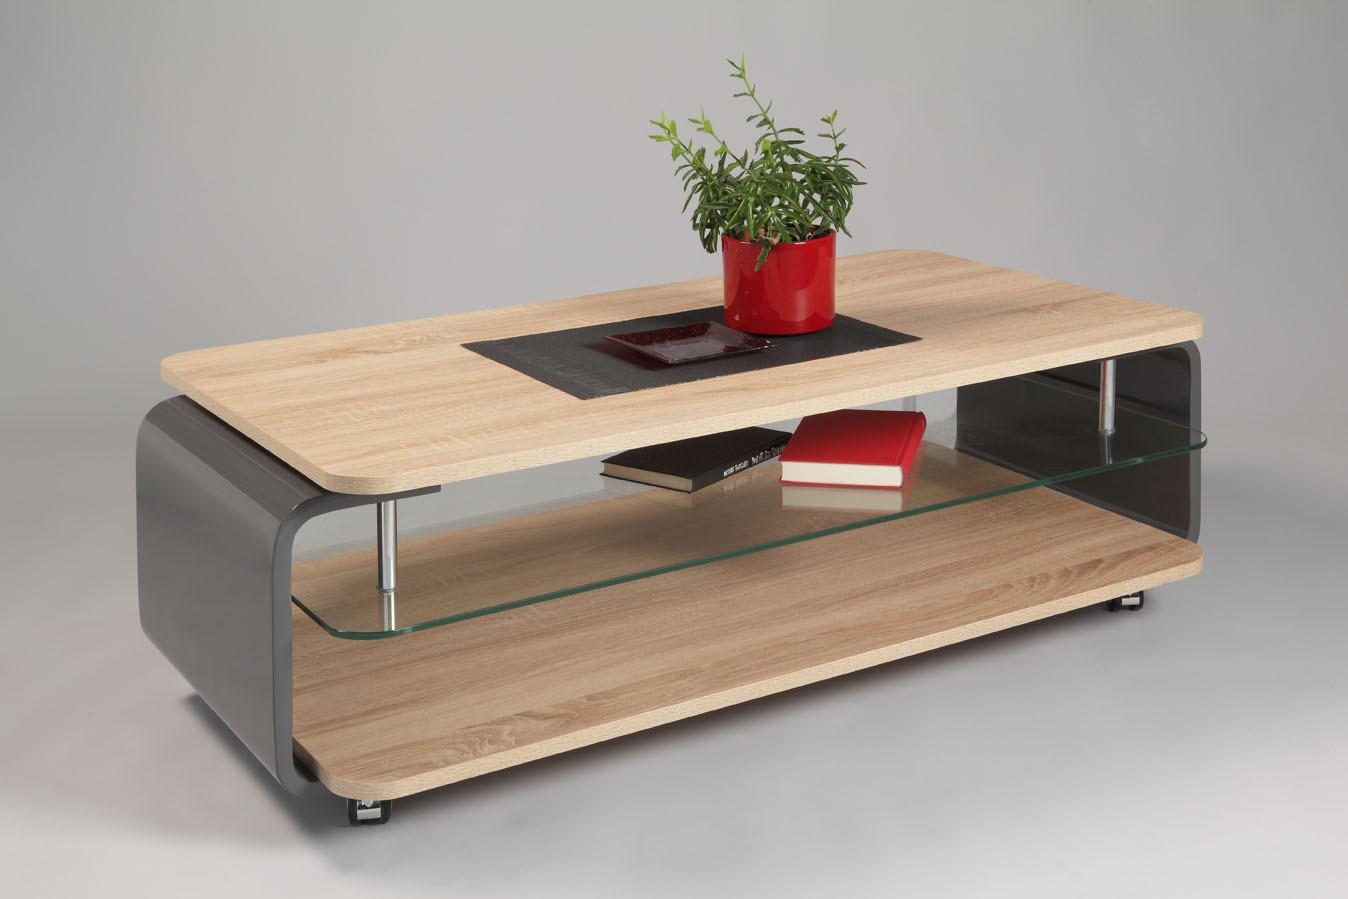 Table basse bois gris pas cher